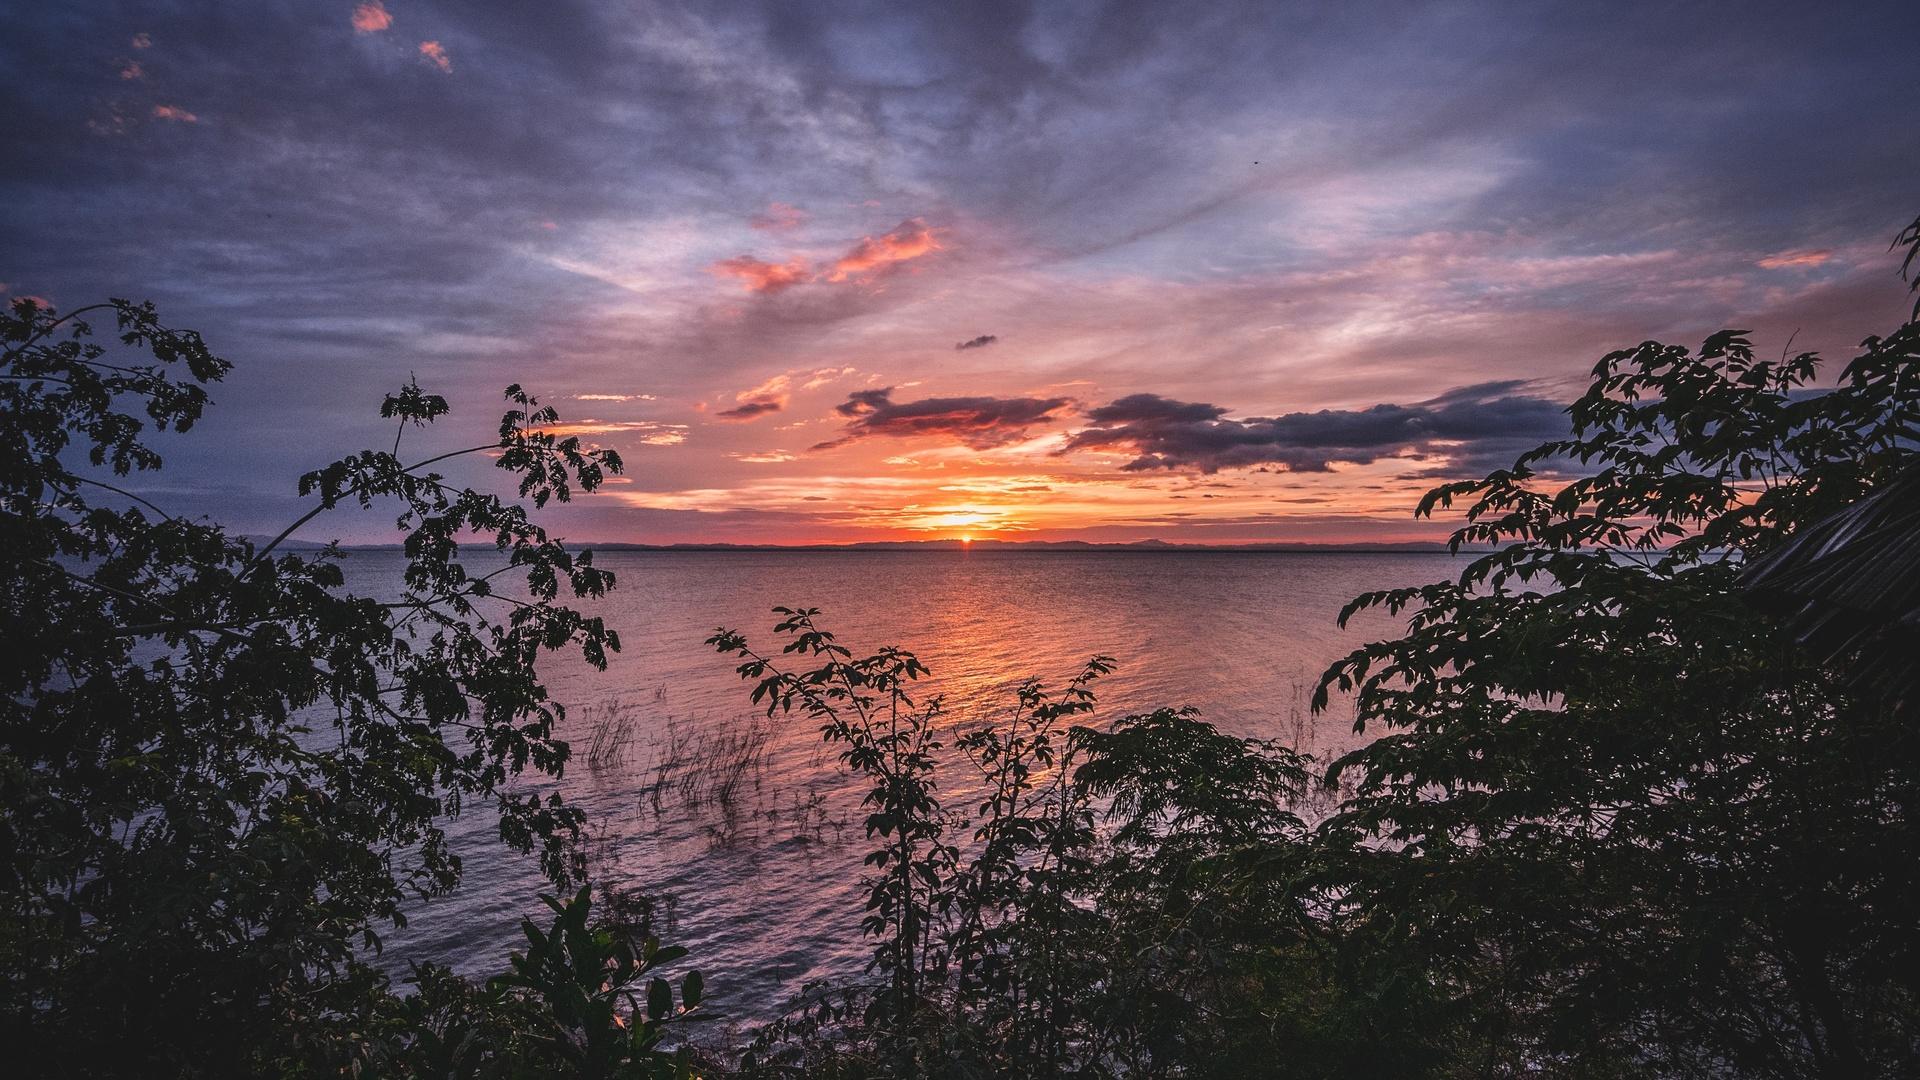 озеро, закат, волны, пейзаж, деревья, природа